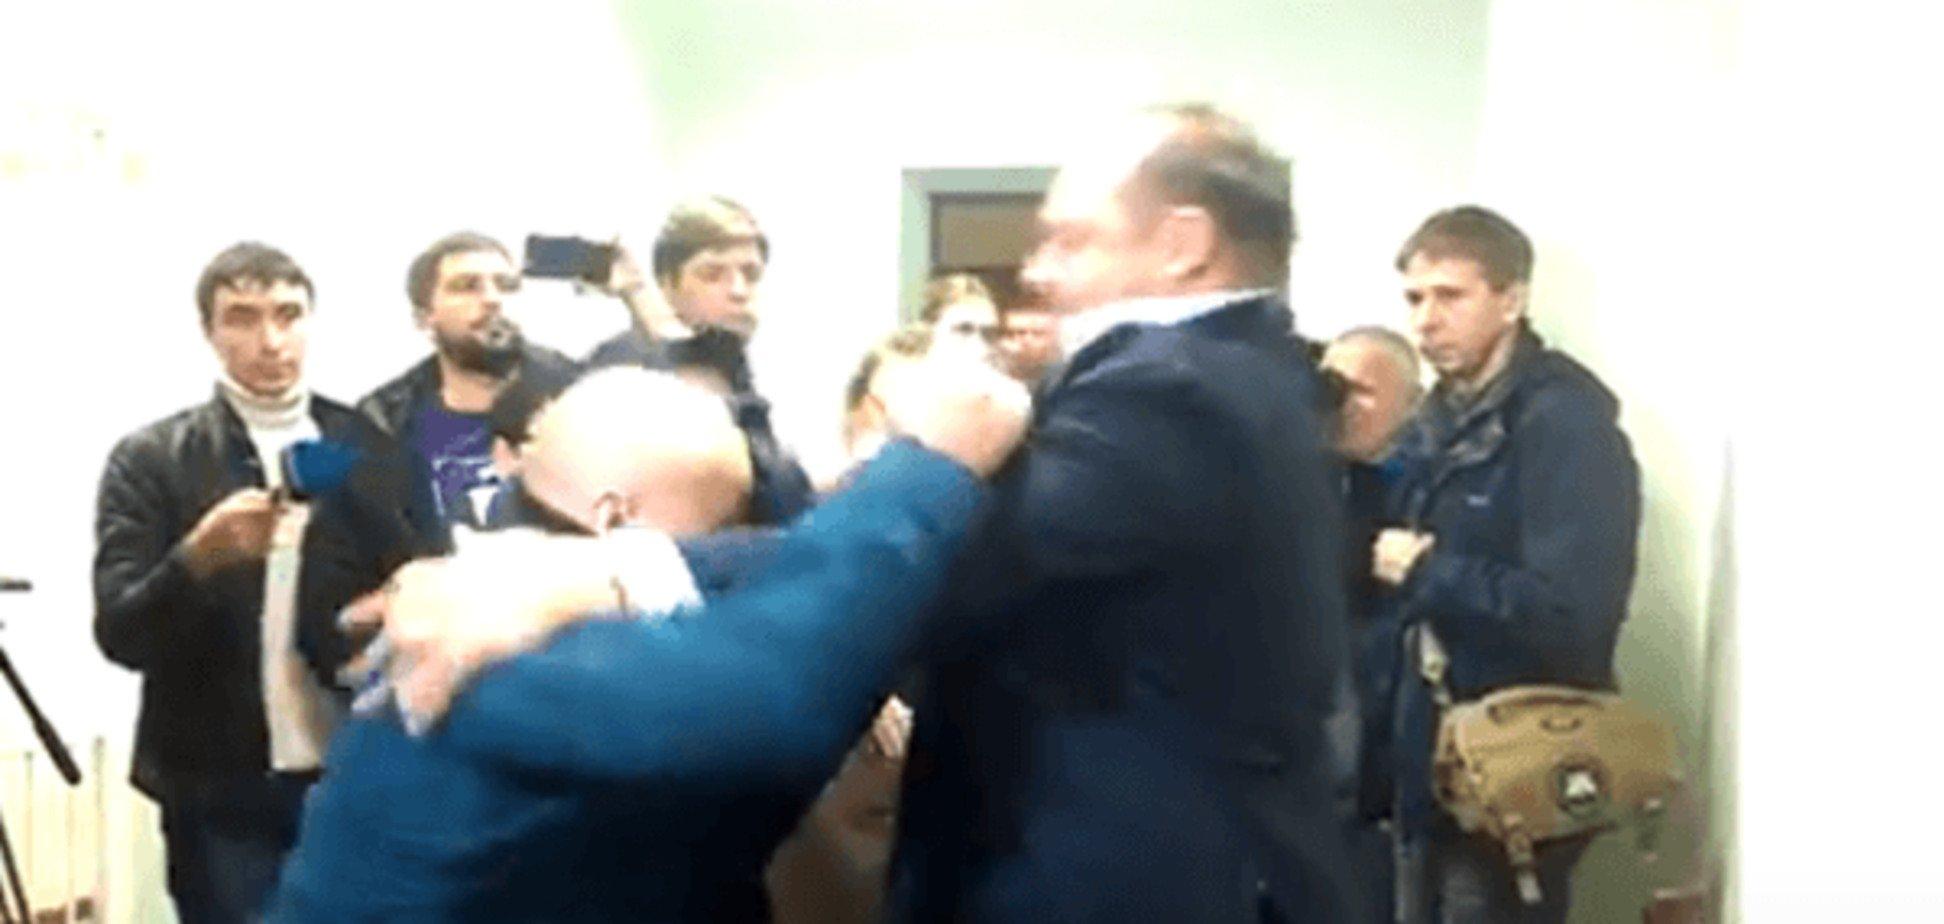 Побиття Добкіна: як українці поставилися до конфлікту